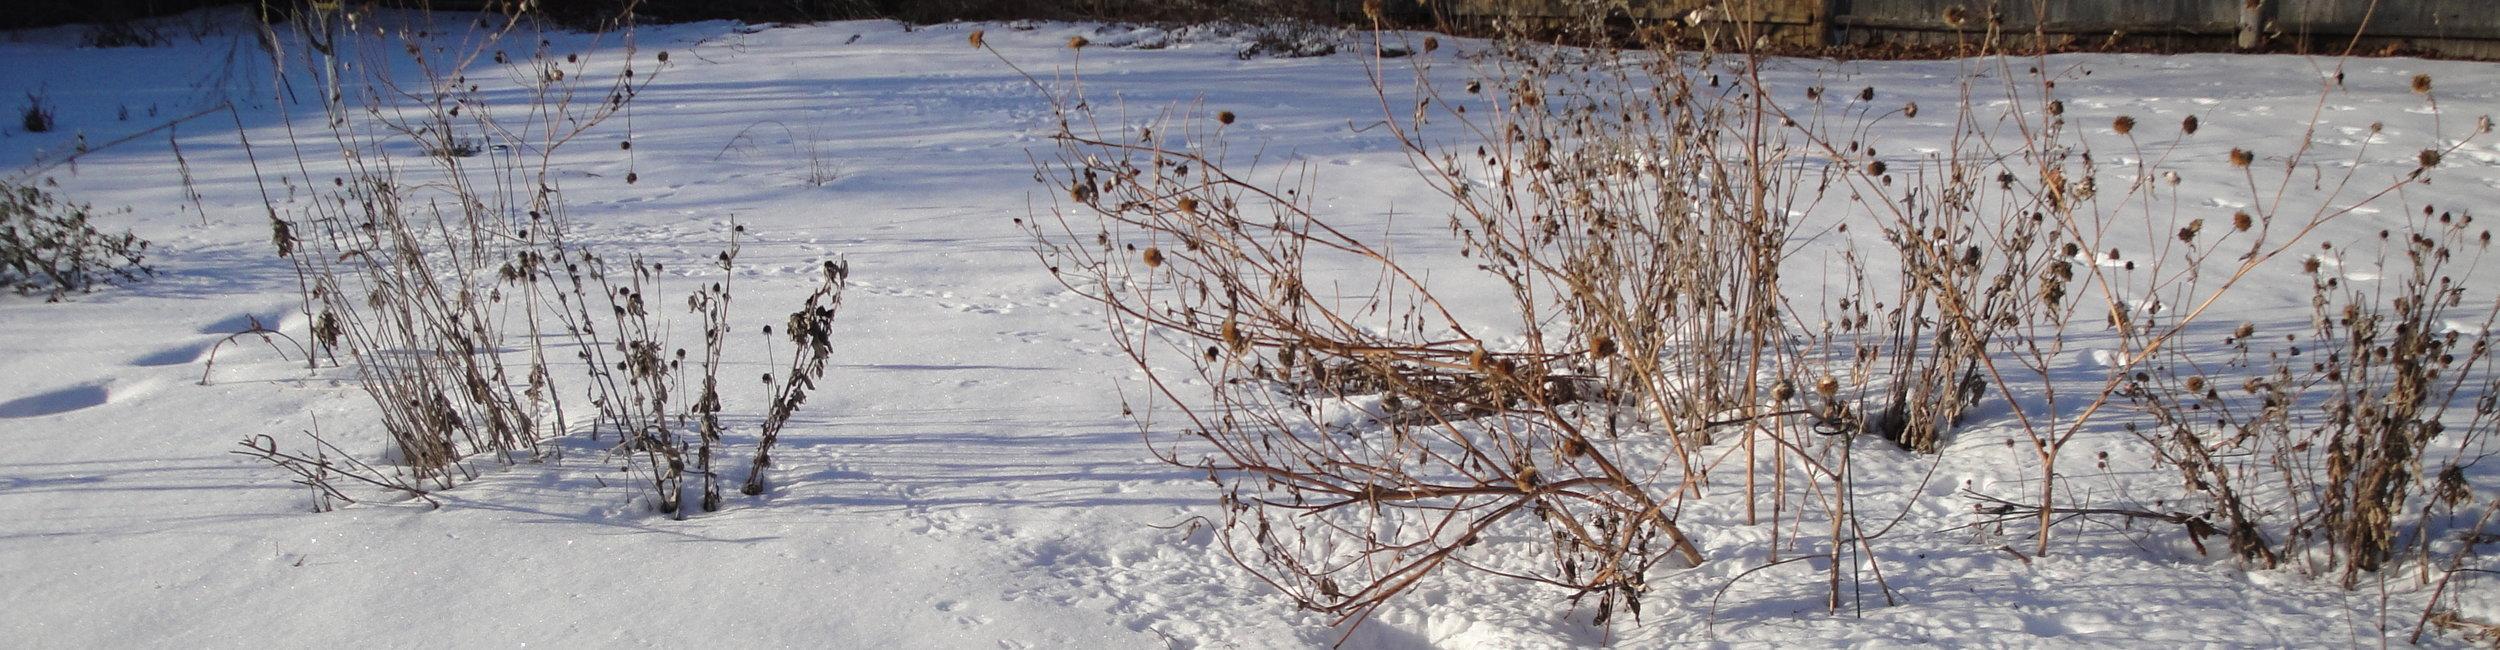 dead-flowers-winter.jpg